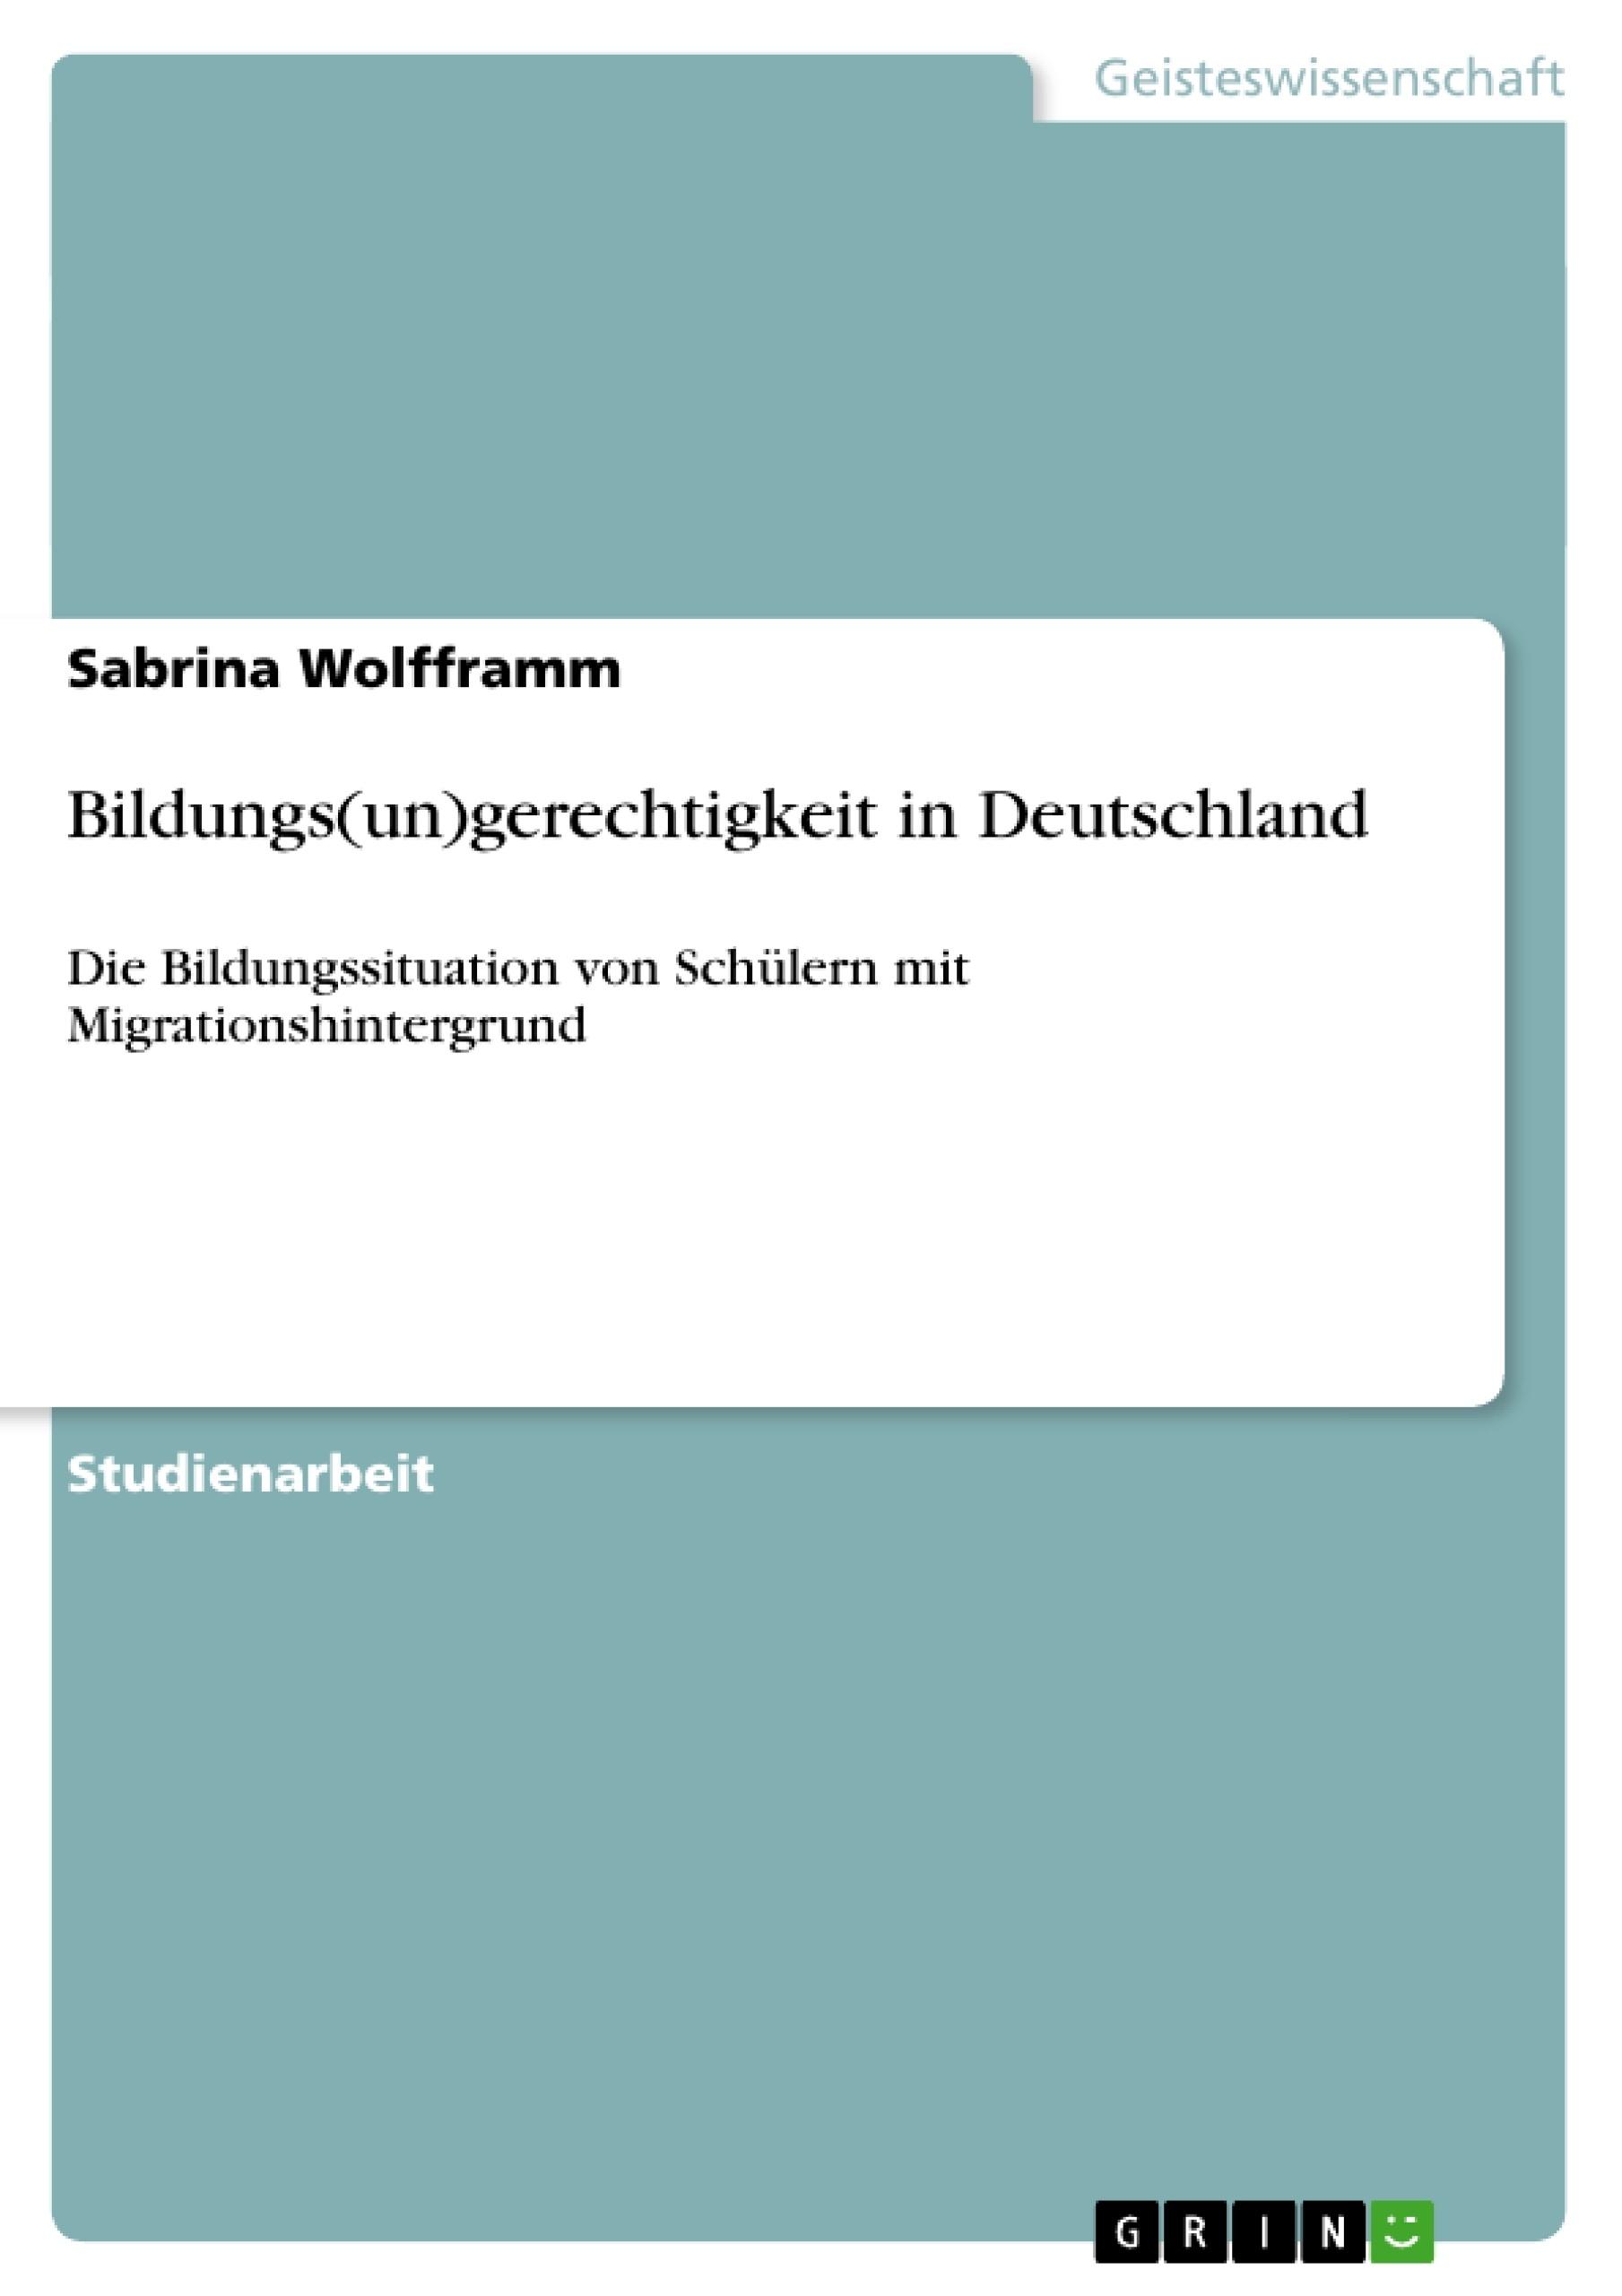 Titel: Bildungs(un)gerechtigkeit in Deutschland